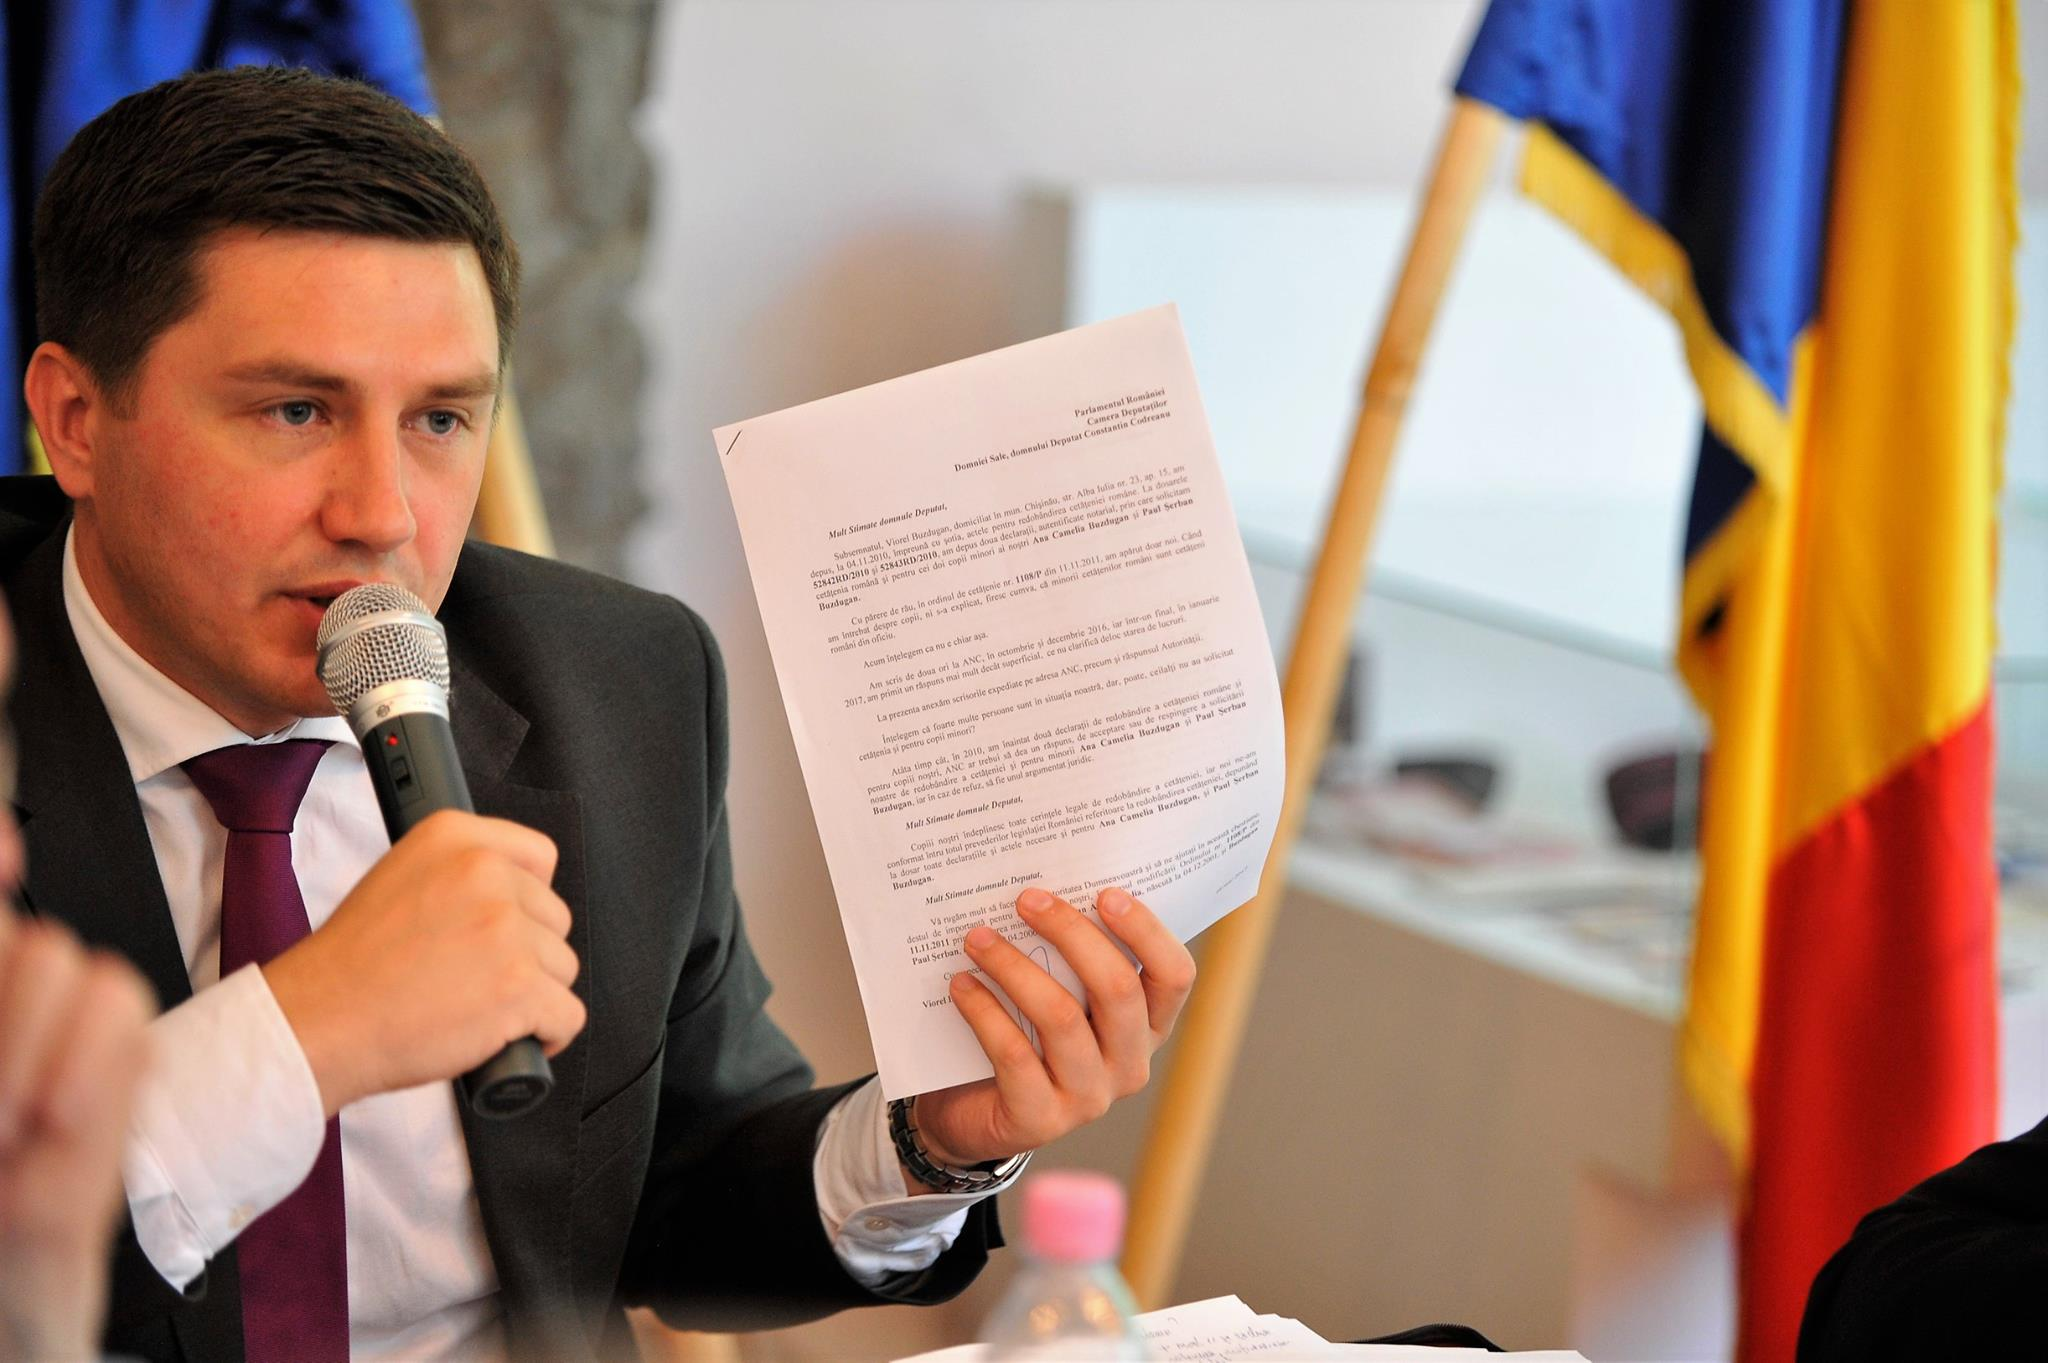 Atelier legislativ Constantin Codreanu